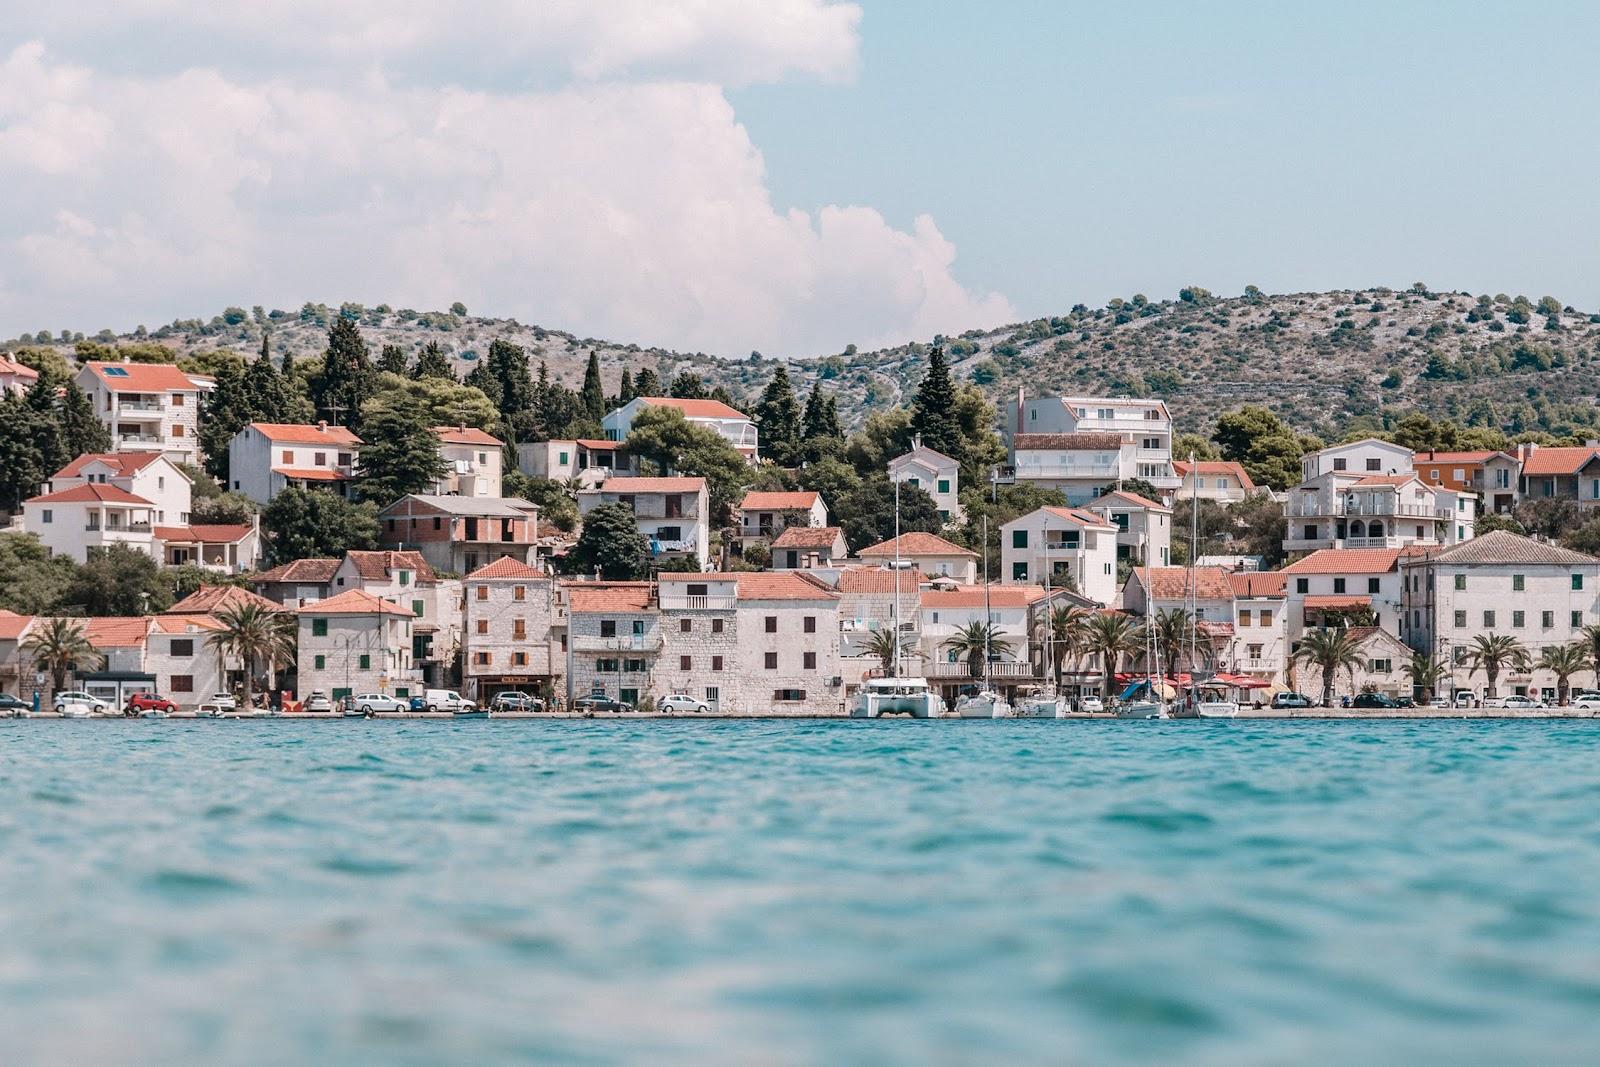 Dalmatië in Kroatië